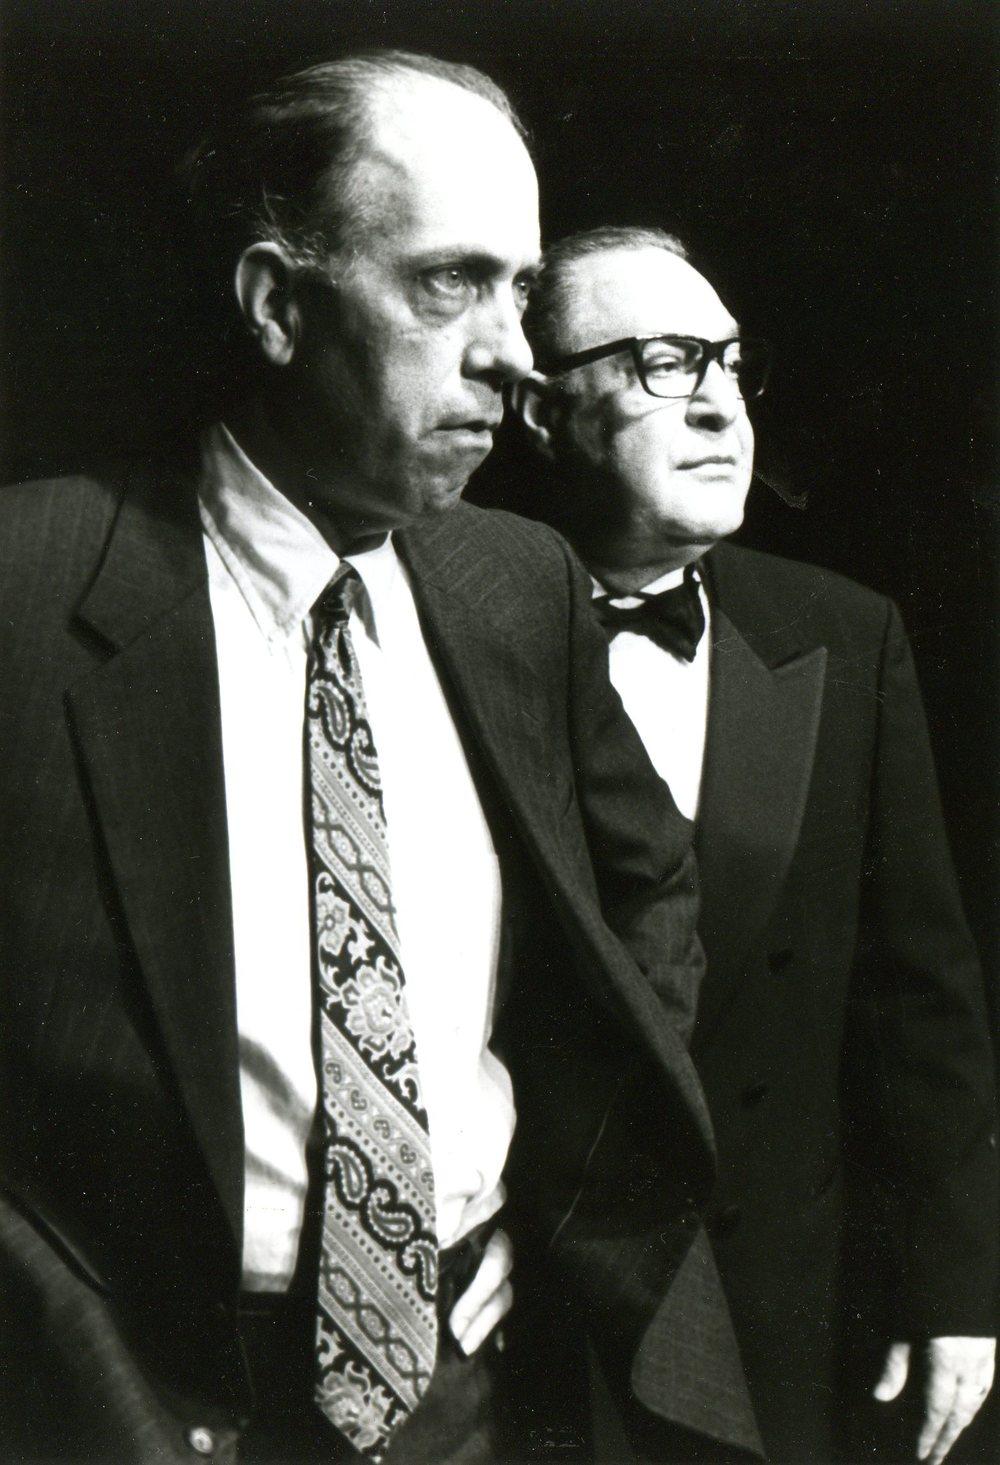 Nixons-Nixon-3.jpg